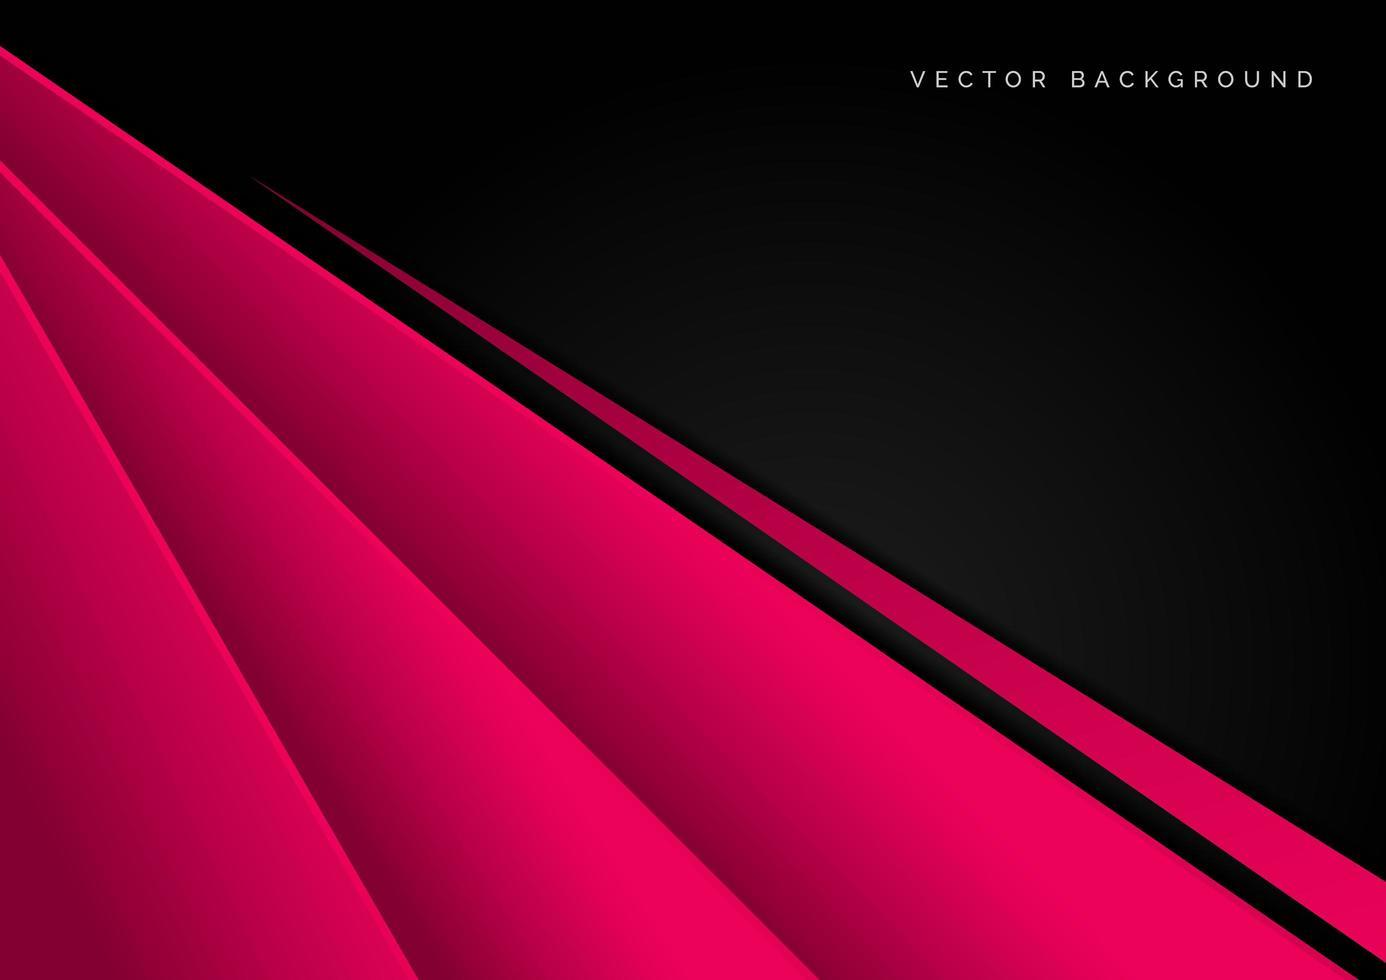 abstrakt mall design med rosa och svarta element vektor